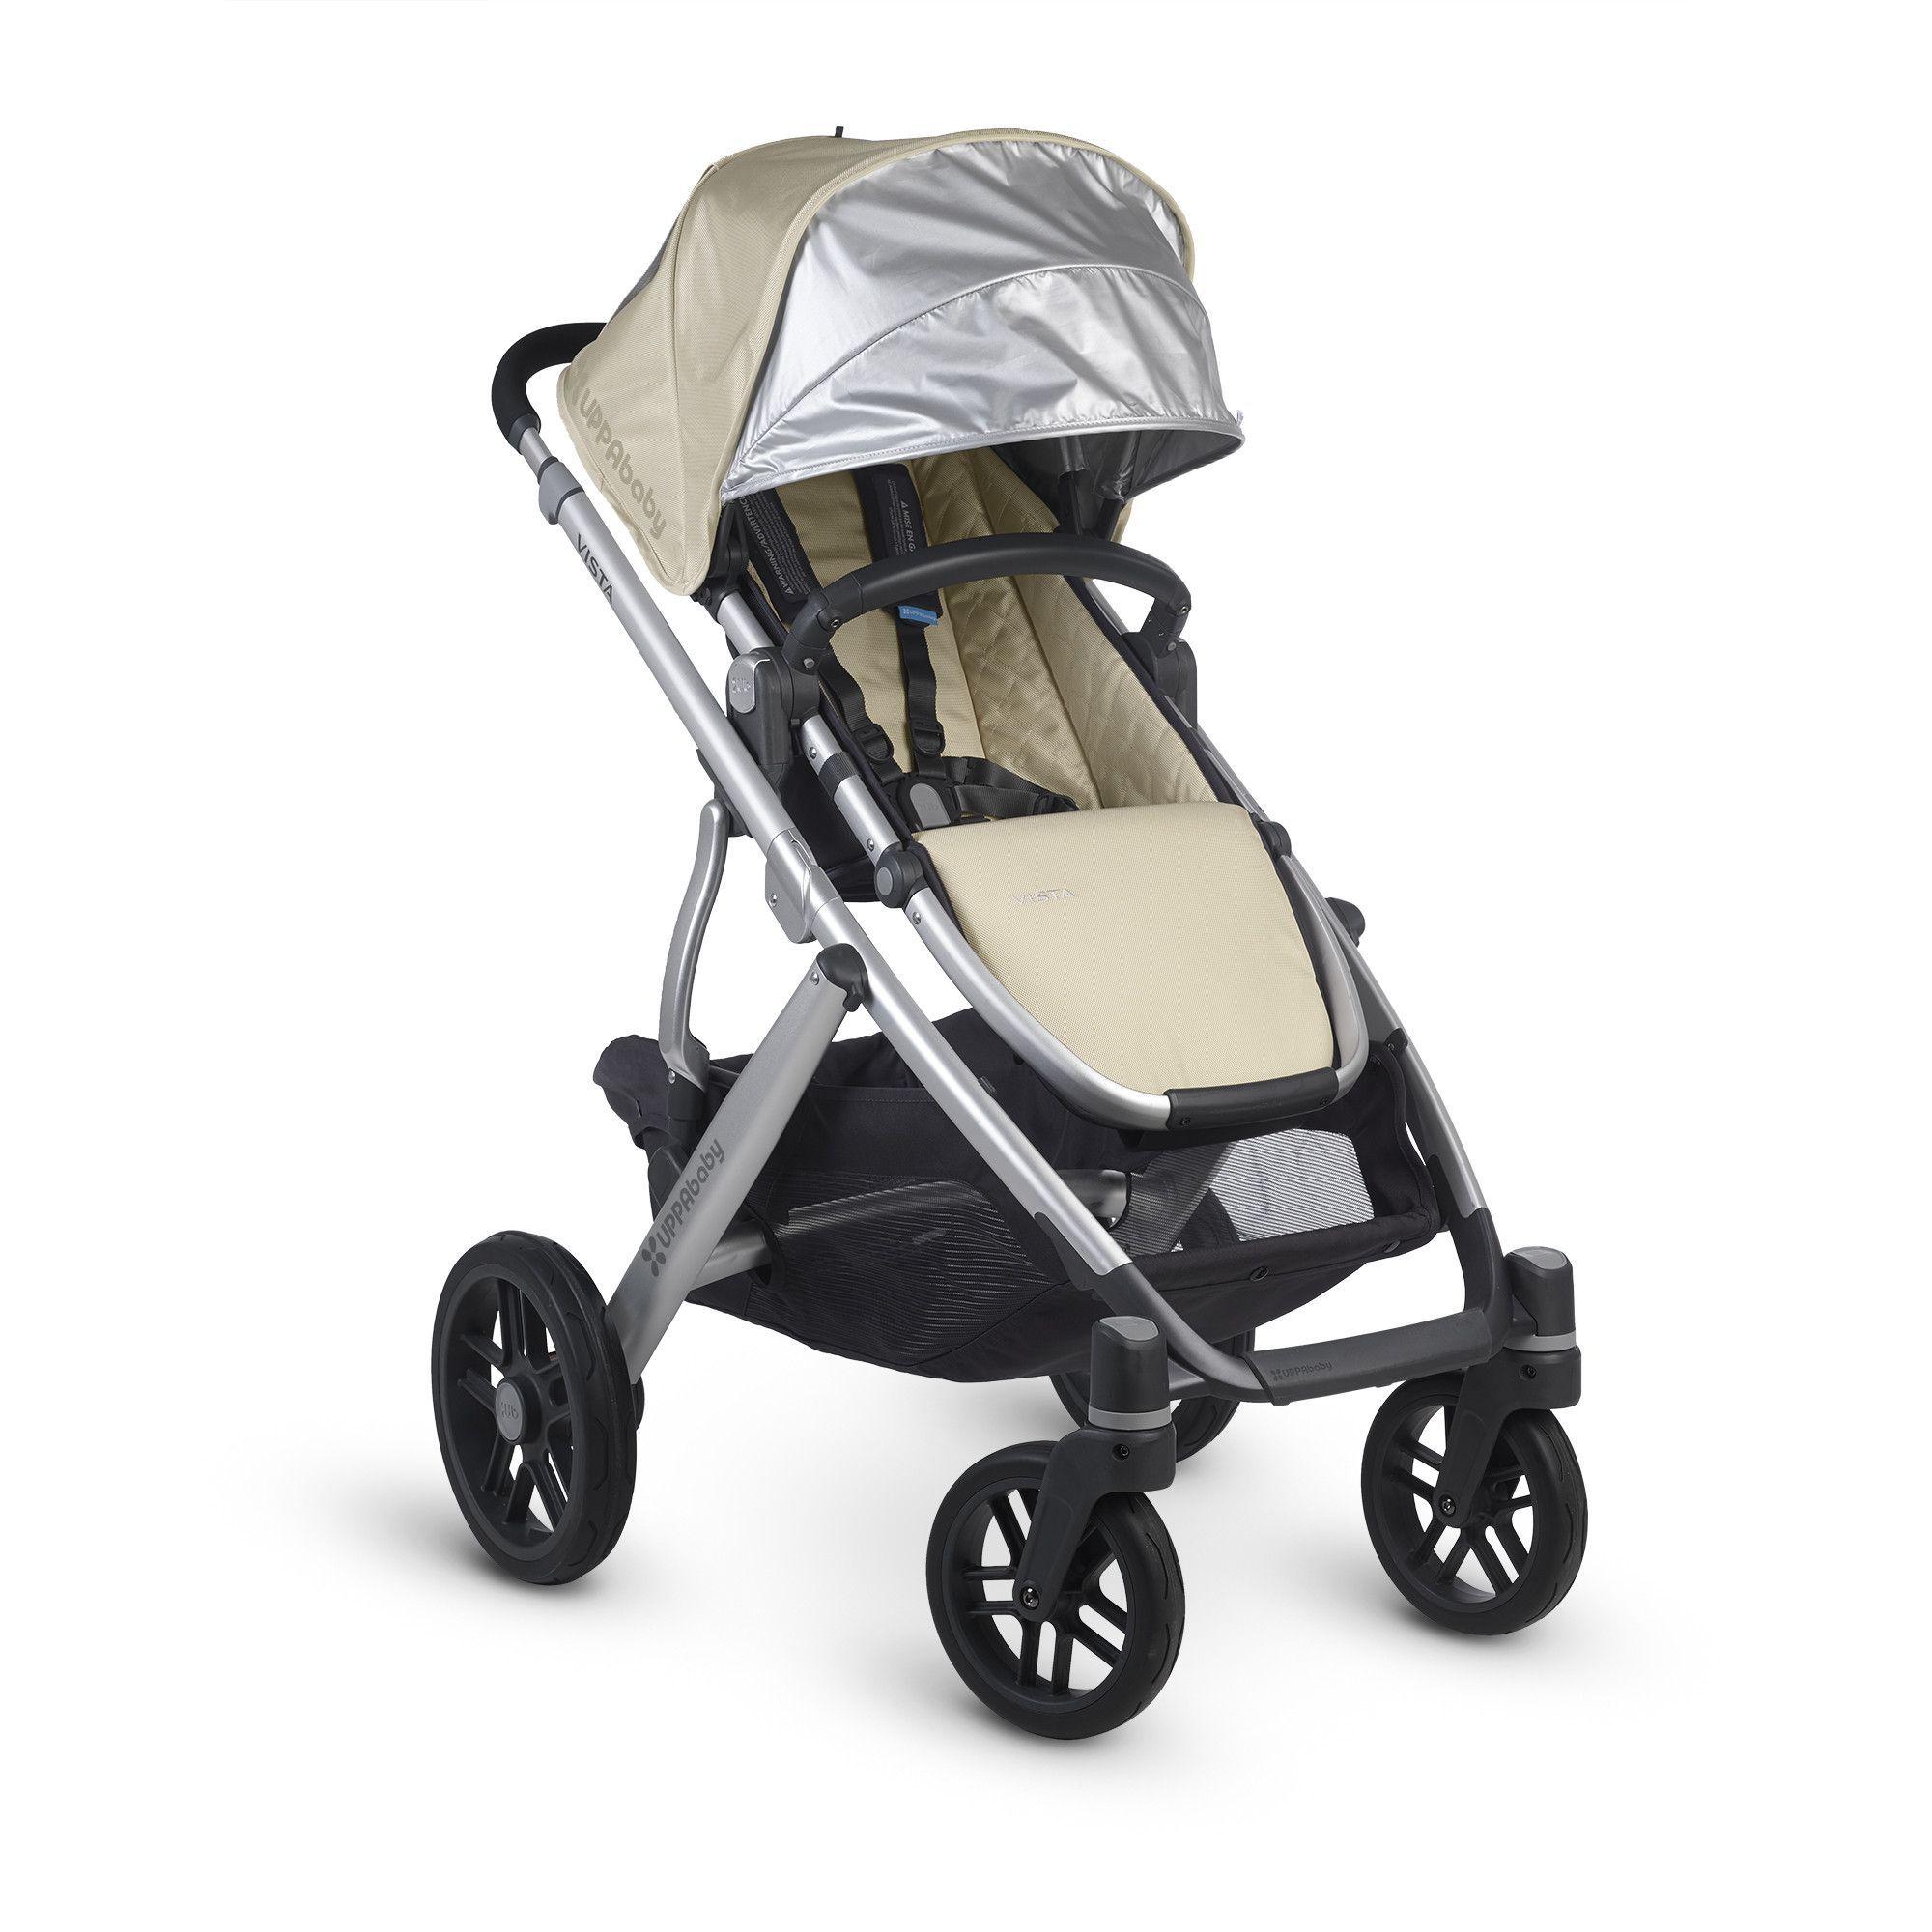 UPPAbaby Vista Single Stroller 2018 / 2019 Vista